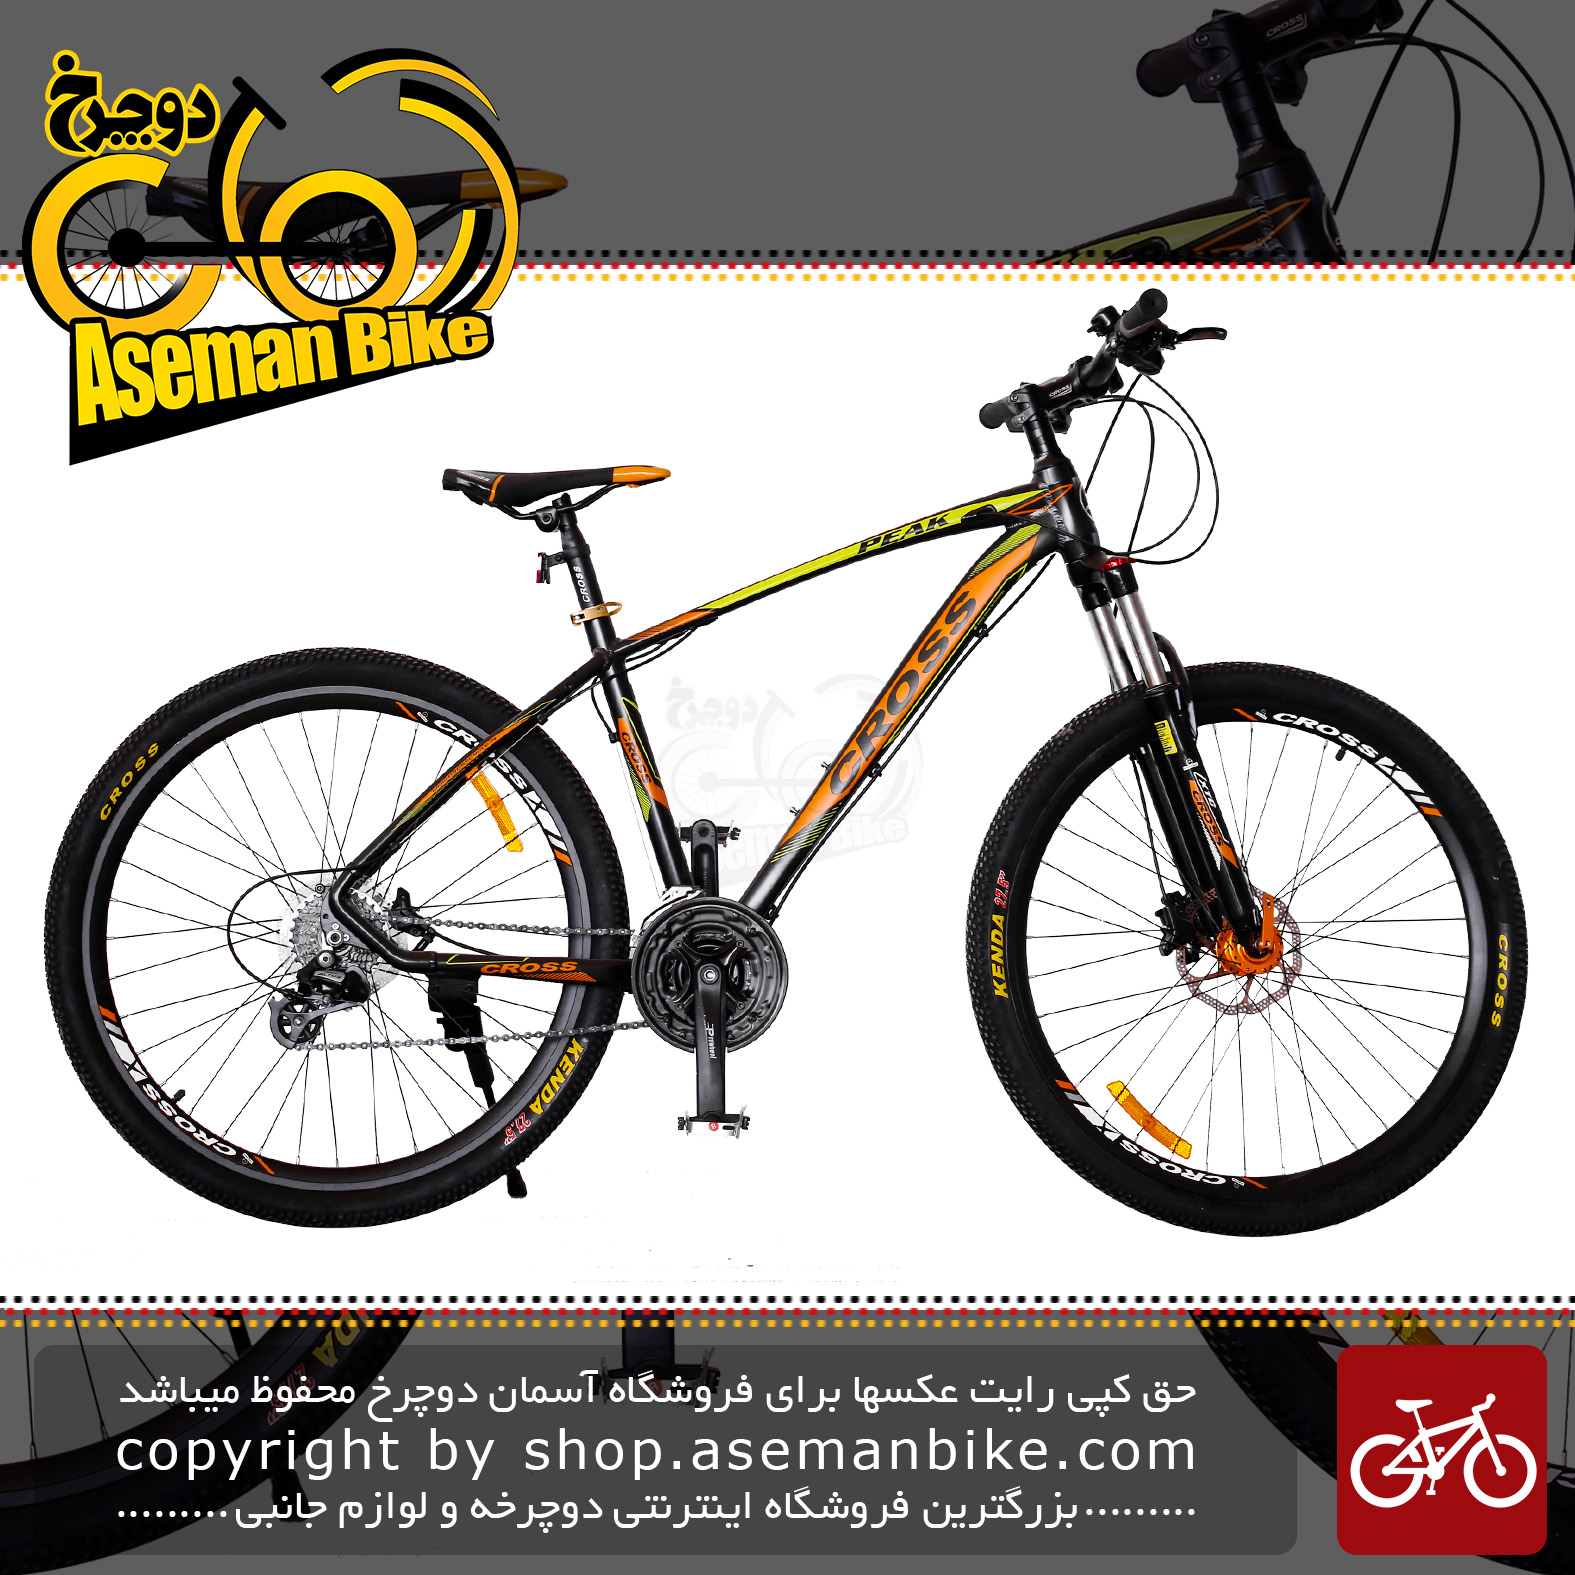 دوچرخه کوهستان شهری حرفه ای برند کراس مدل پیک سایز 27.5 Cross Bicycle MTB PEAK 27.5